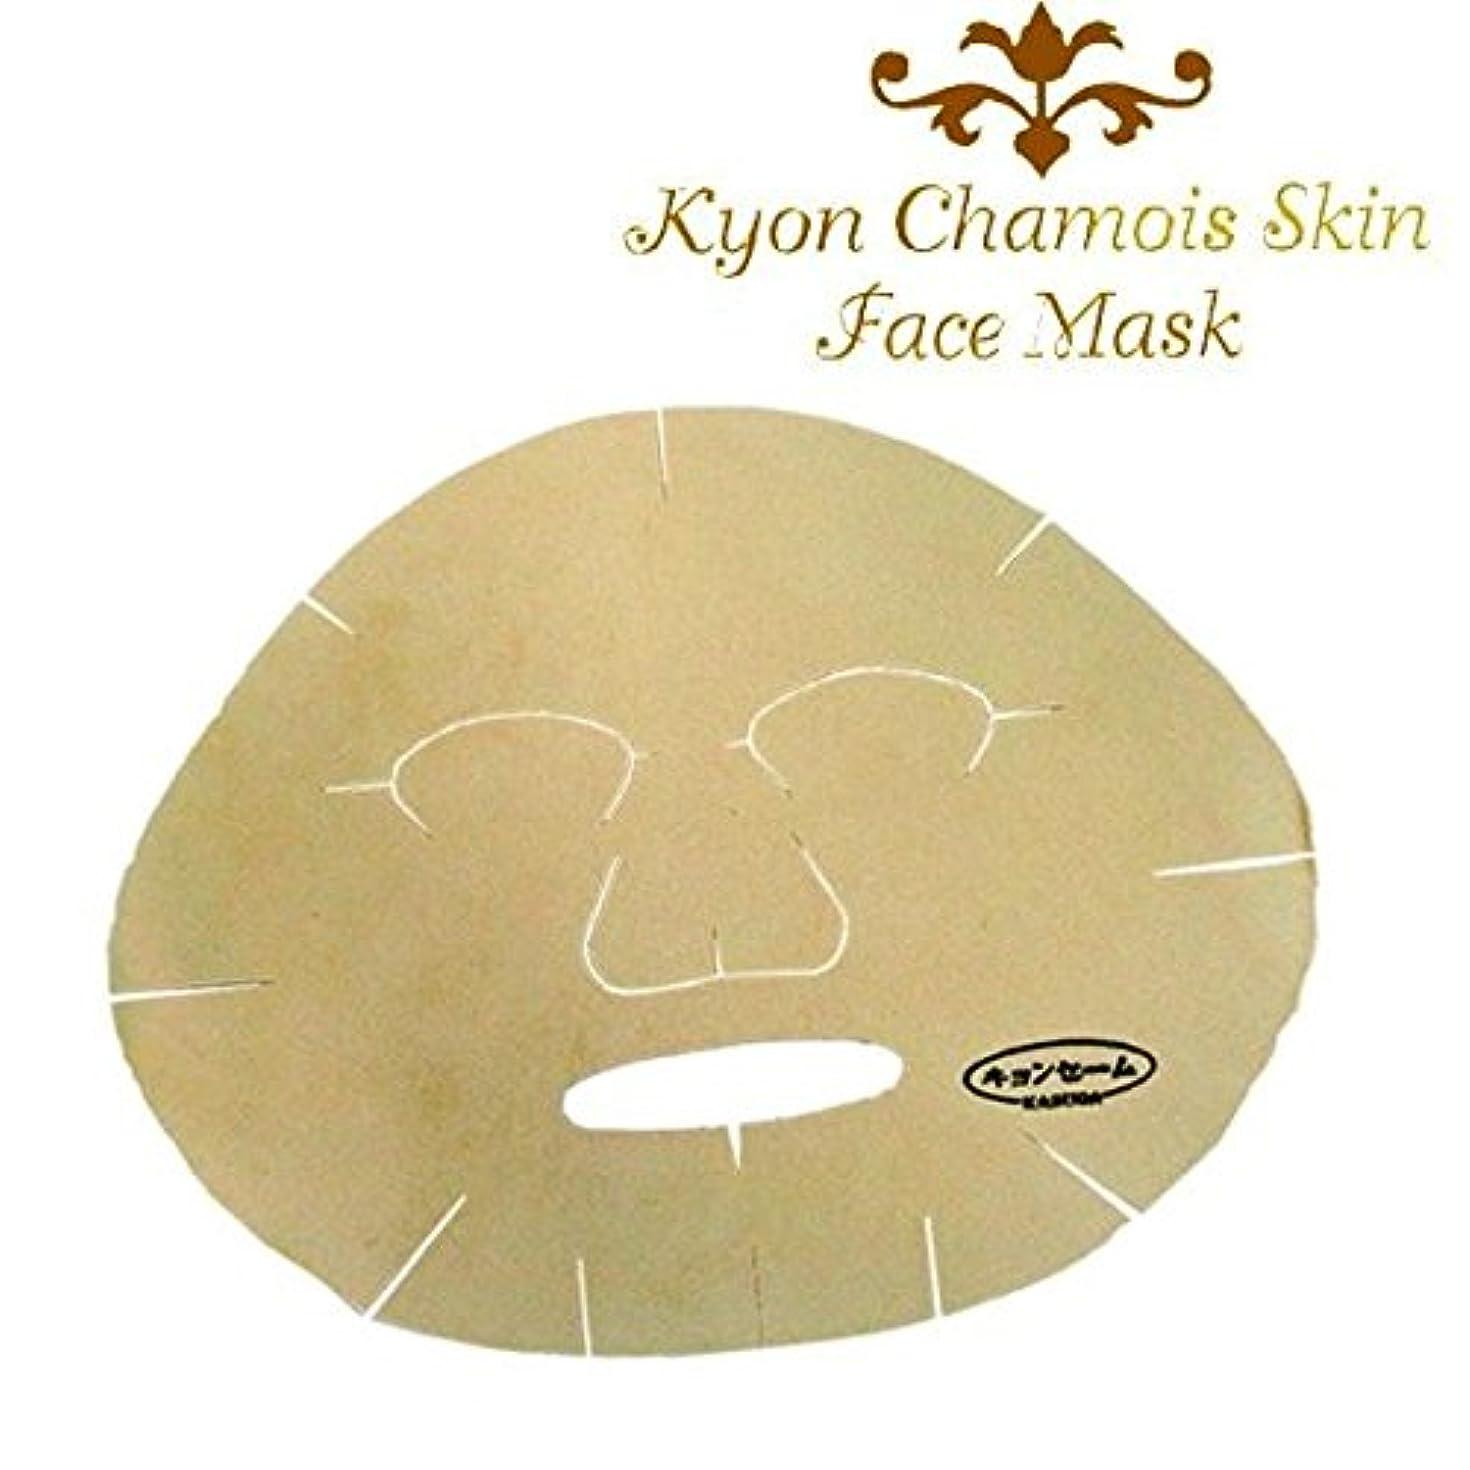 スタンド忘れっぽいパレード春日 スキンケア用キョンセーム フェイスマスク